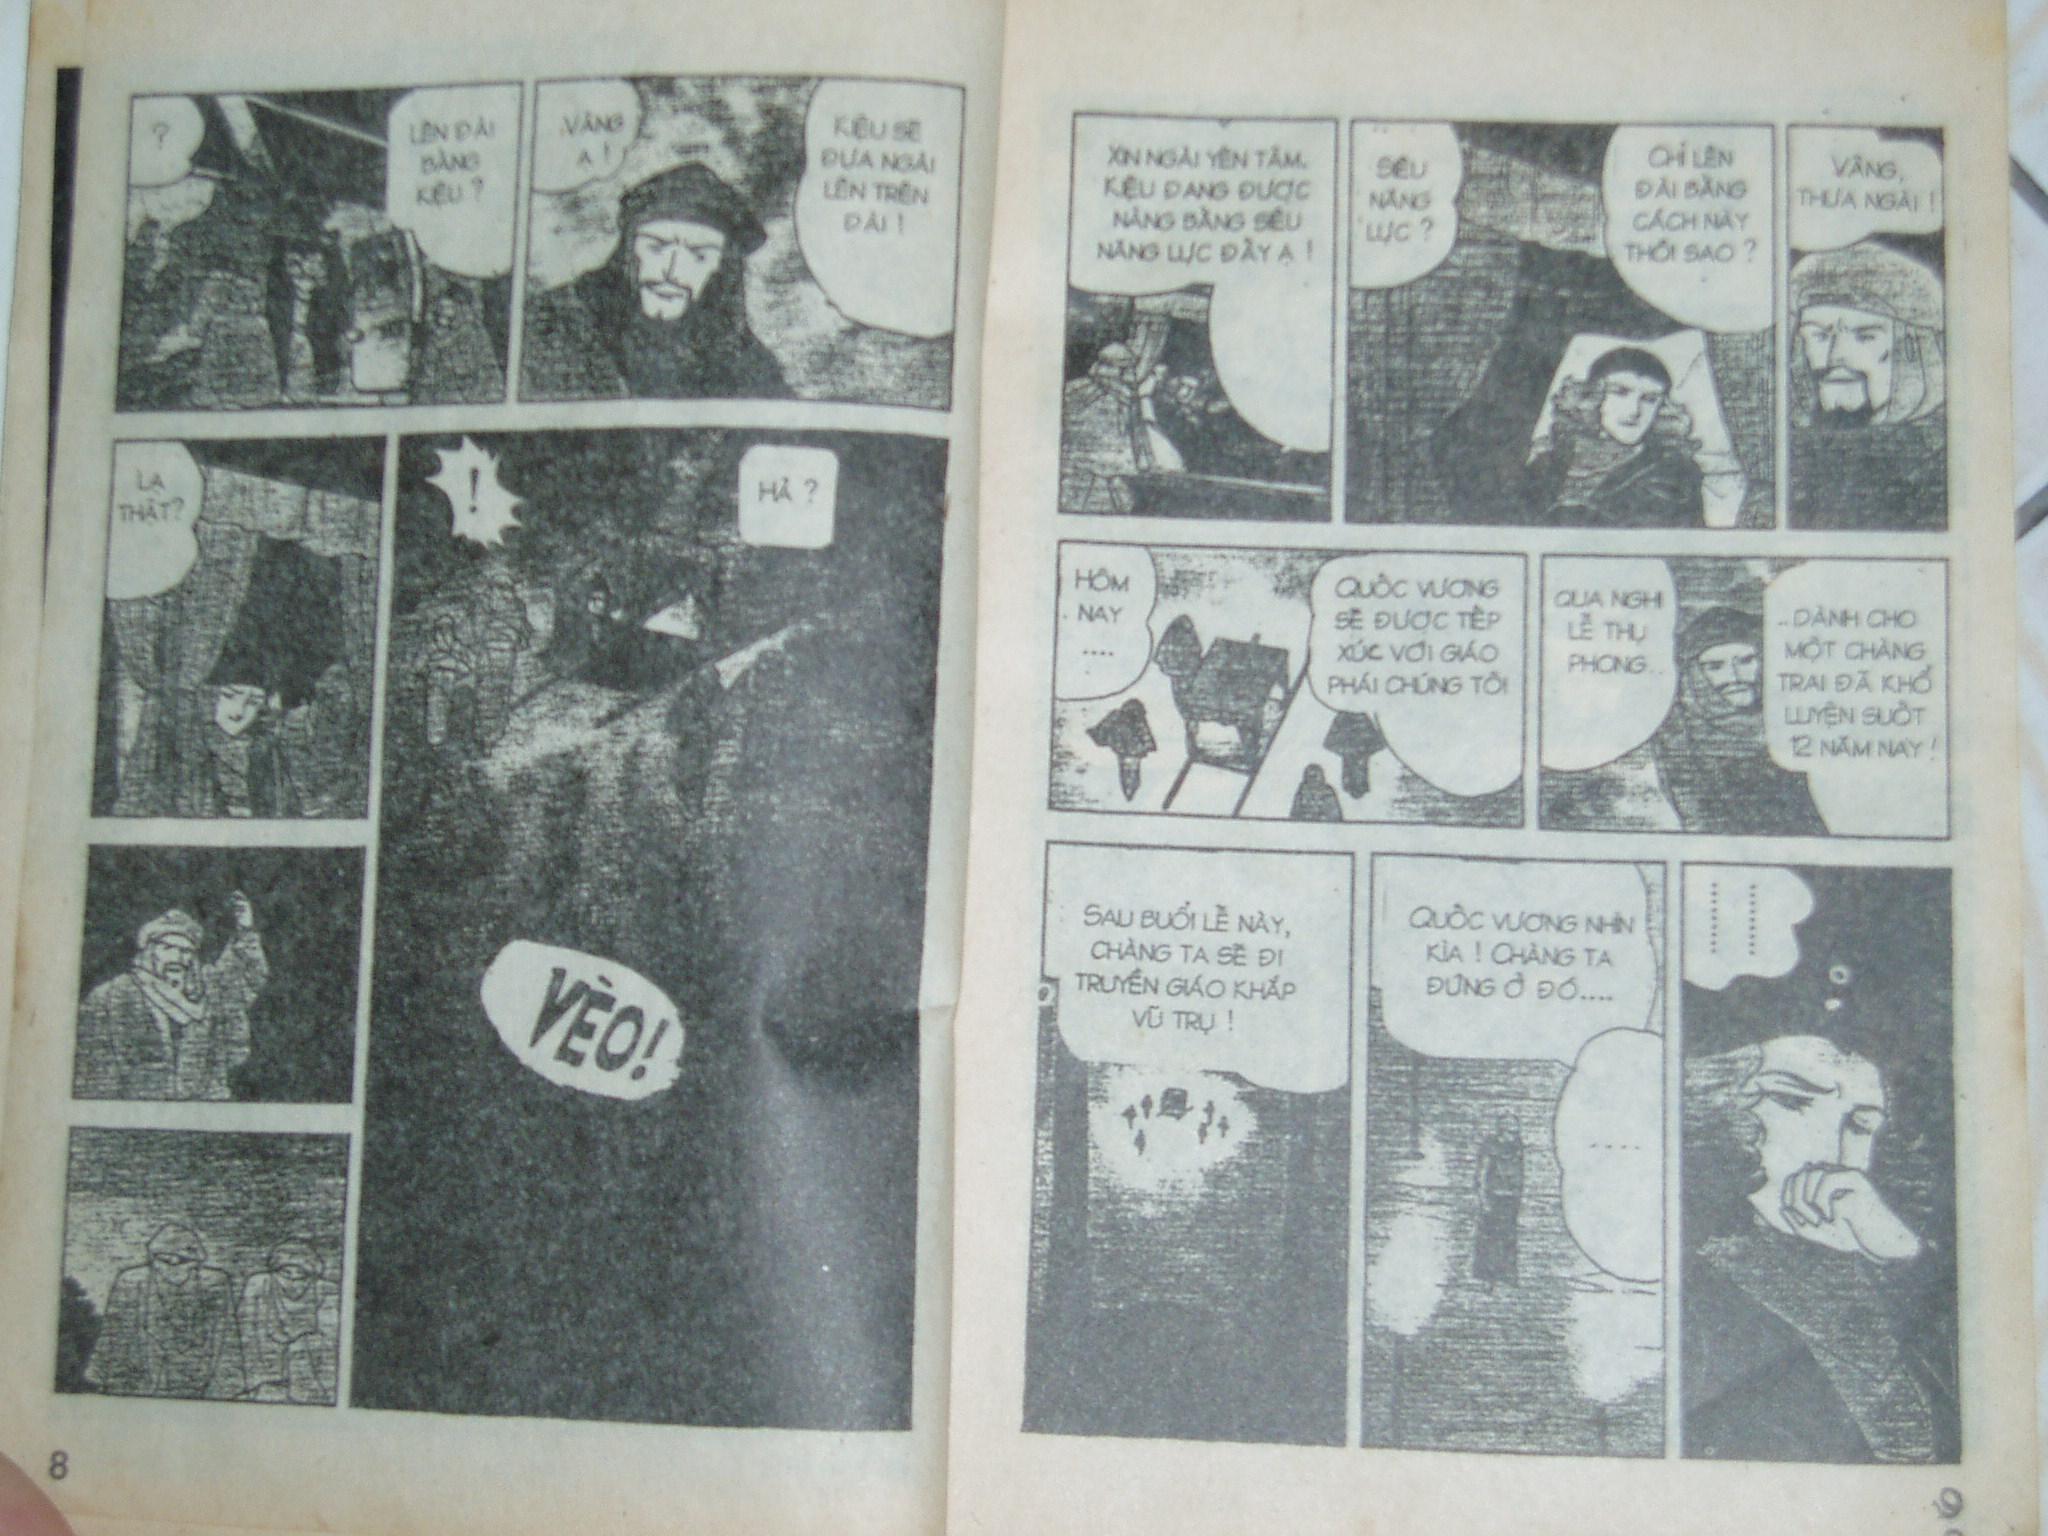 Siêu nhân Locke vol 17 trang 3